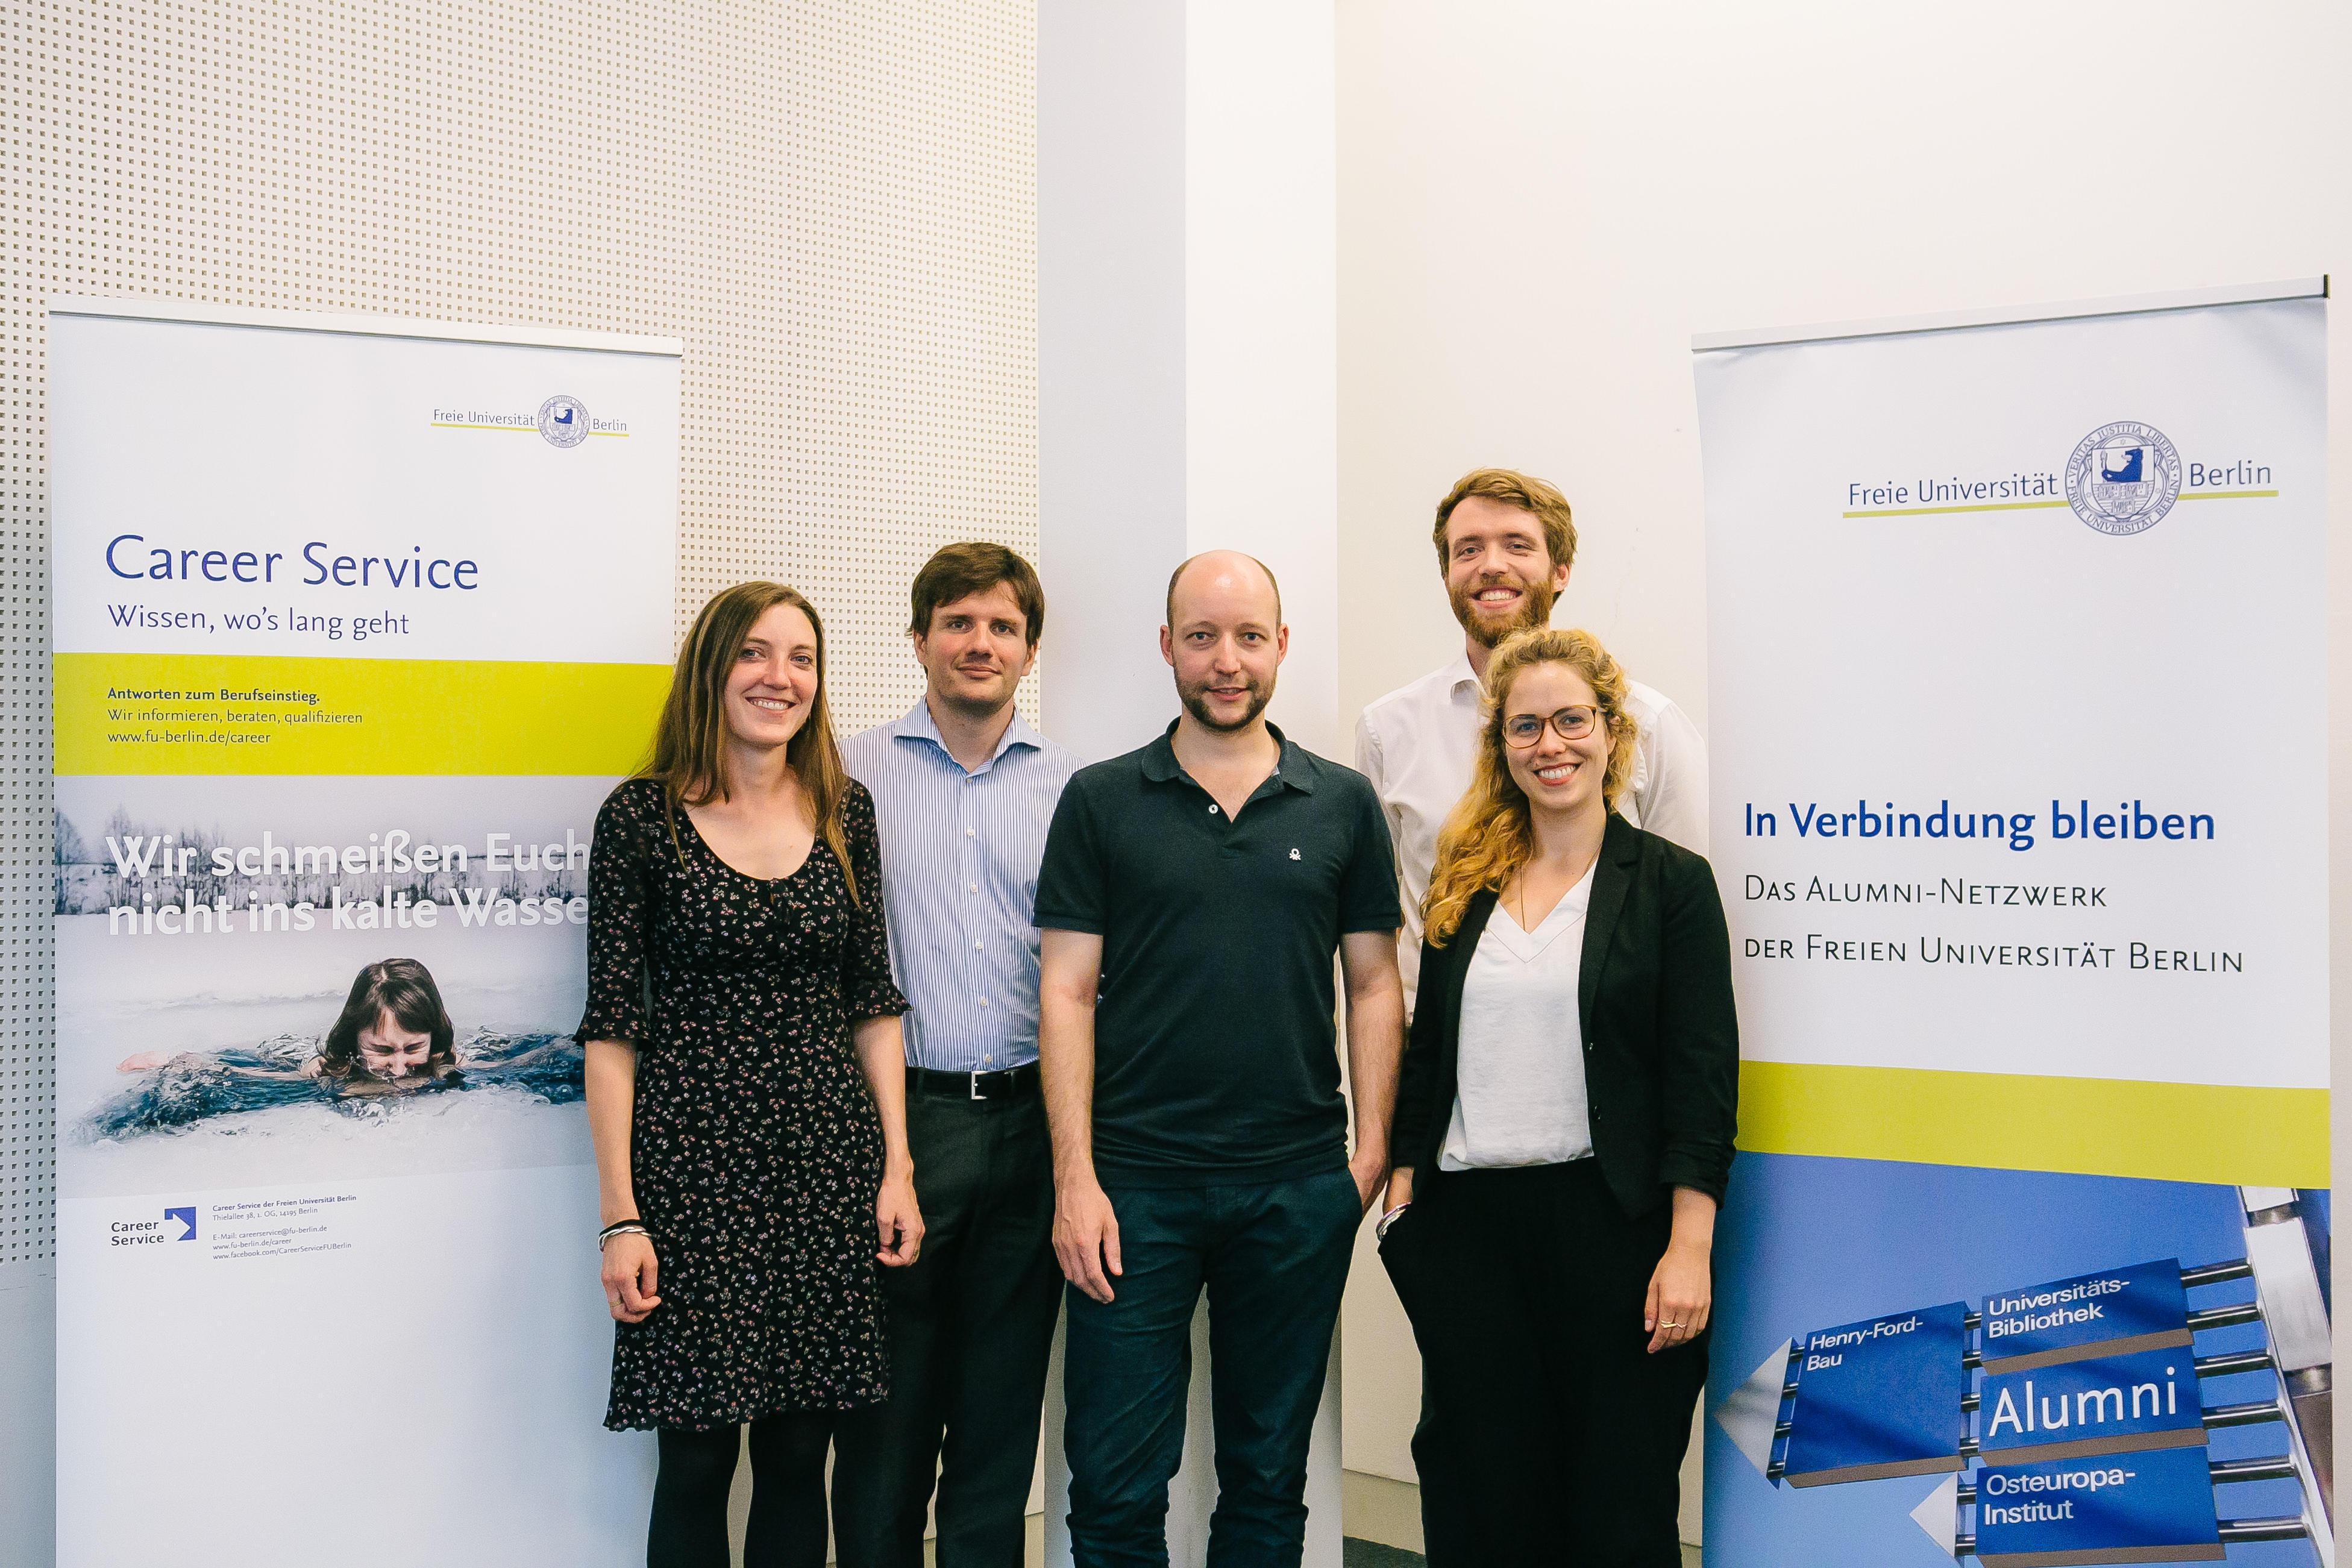 Teilten ihre Erfahrungen mit den Studierenden: Die Alumni Dr. Franziska  Börner, Helge Schröder, Tobias Bargmann, Tim Rauschan und Beatrice Lange  (v.l.n.r.)